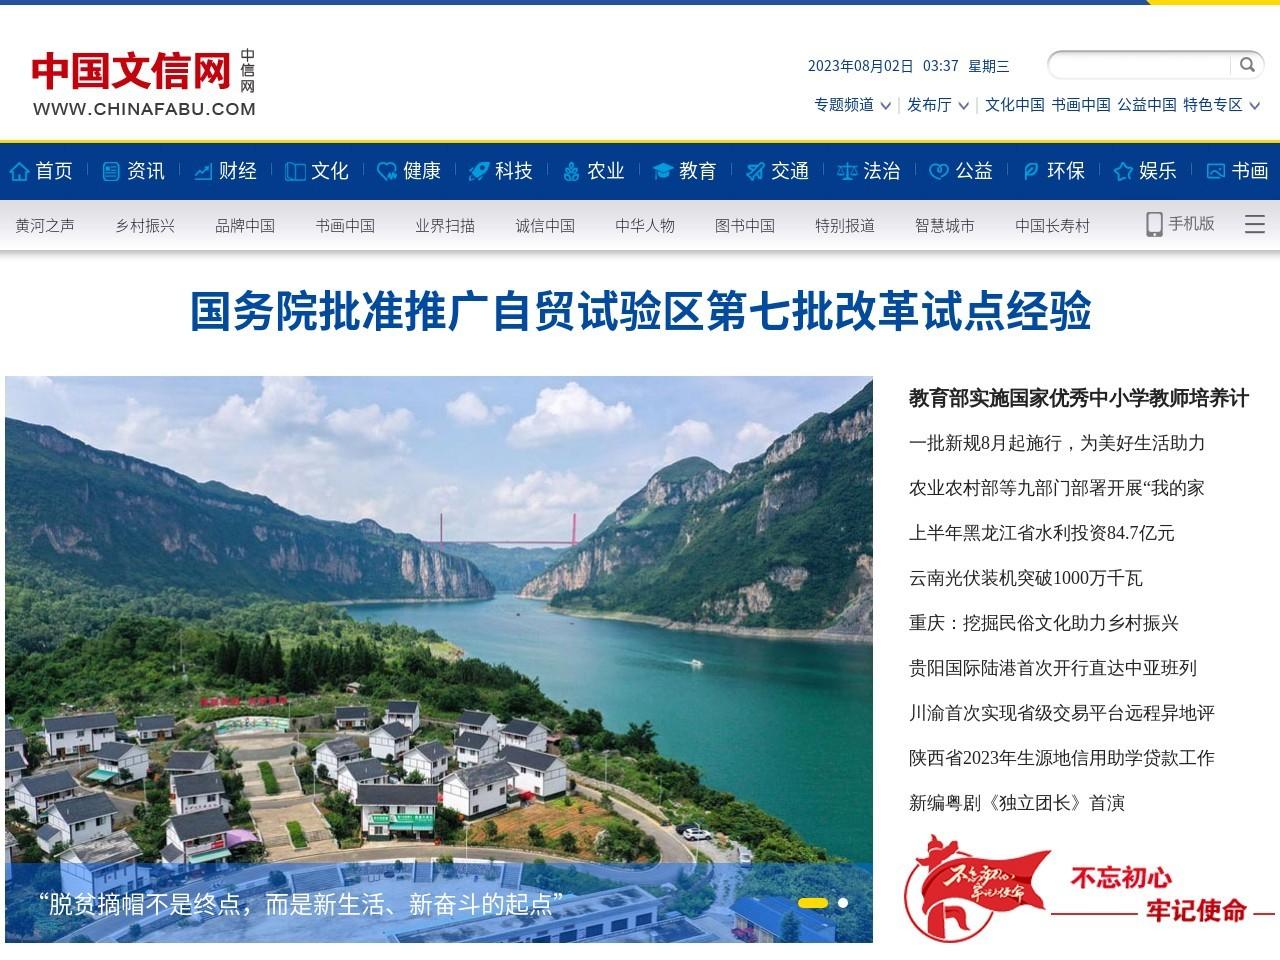 中国发布网